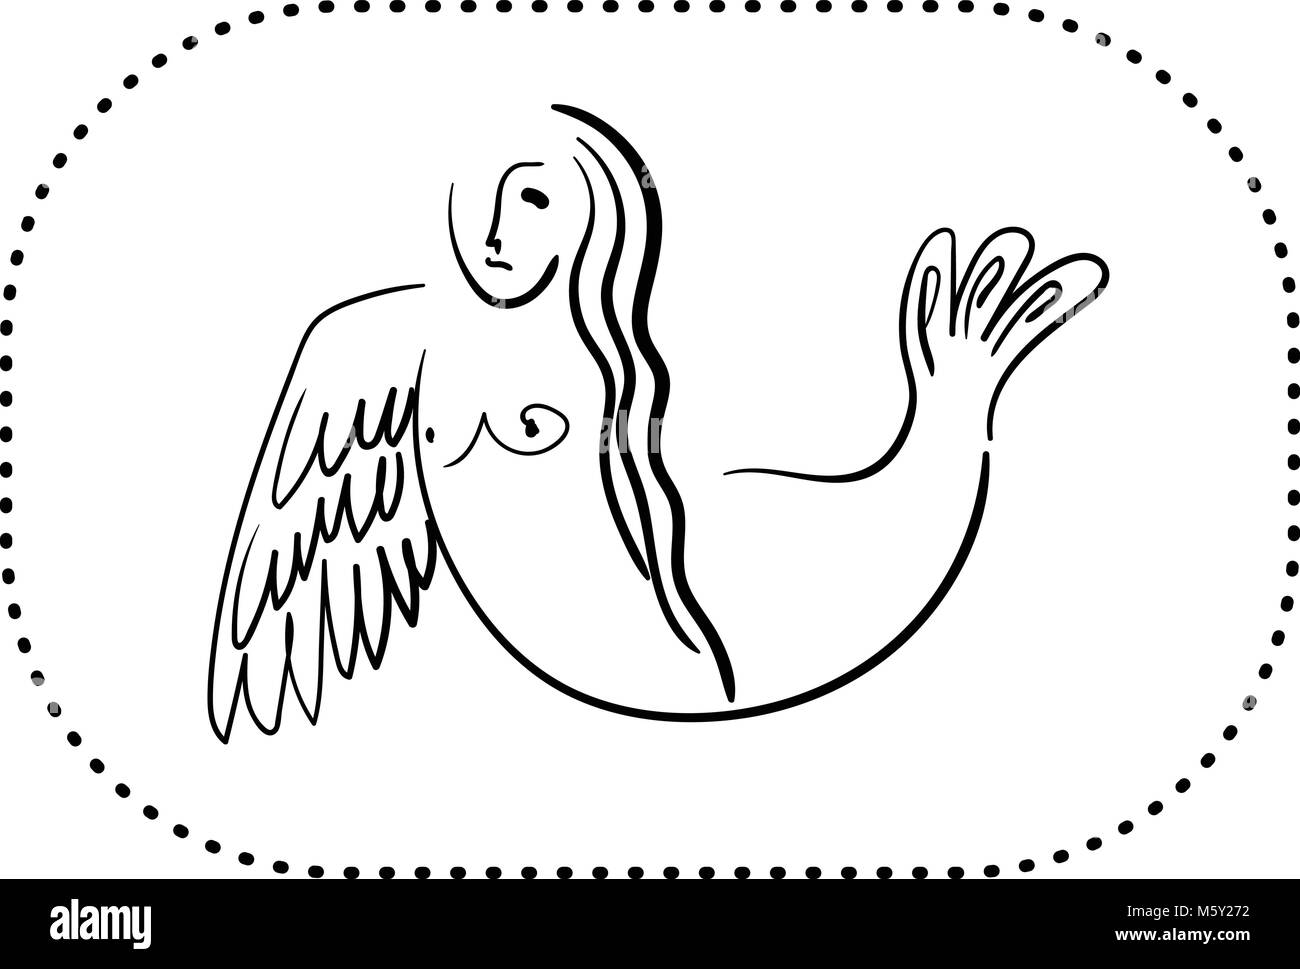 Sirin mitologico uccello a metà donna metà uccello nel contorno nero su sfondo bianco Immagini Stock